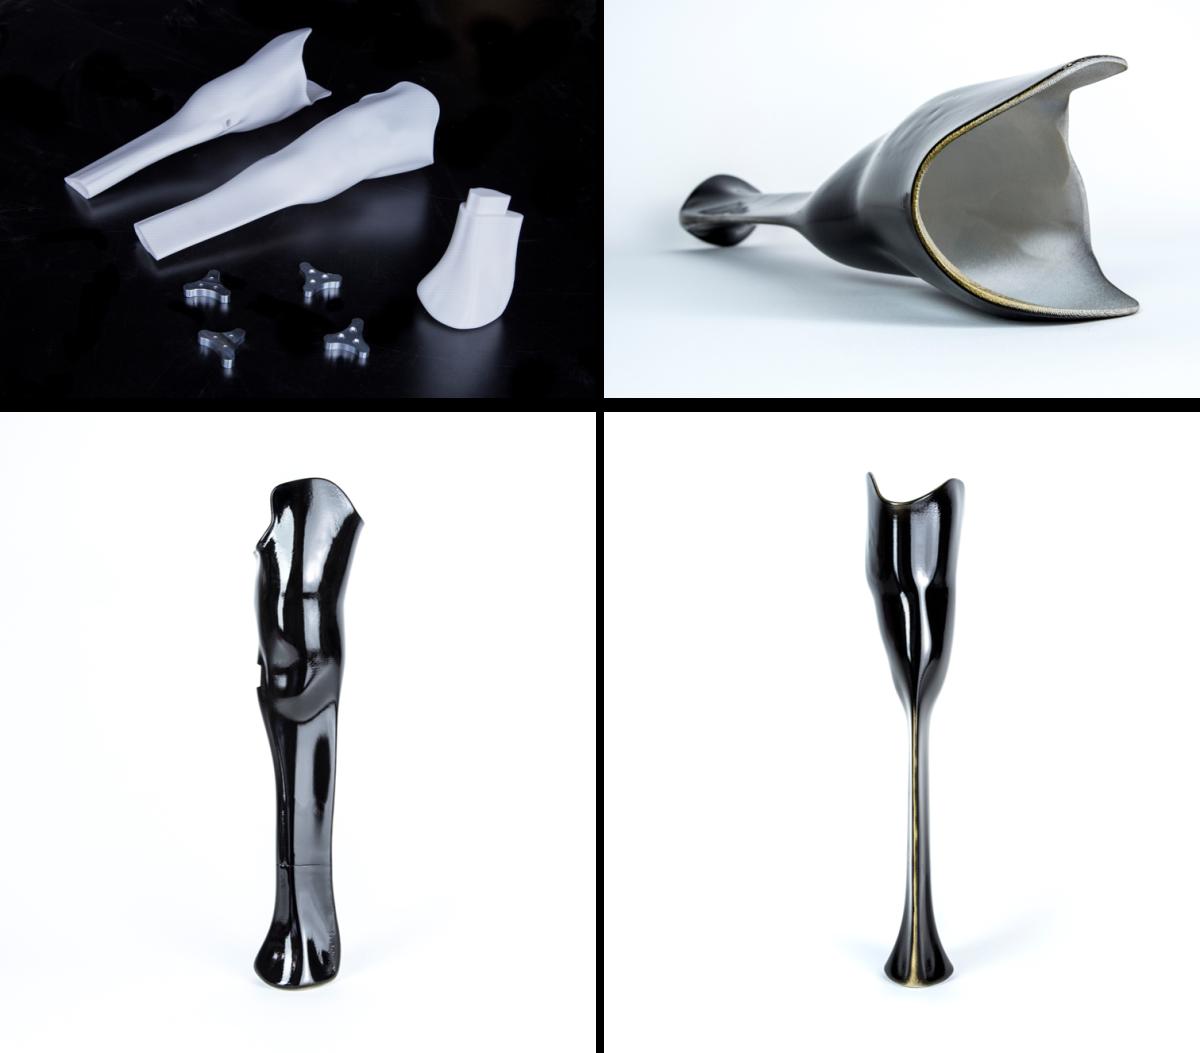 Pierna prostática diseñada para Denise Schindler, por Autodesk. Tomada de 3dprint.com